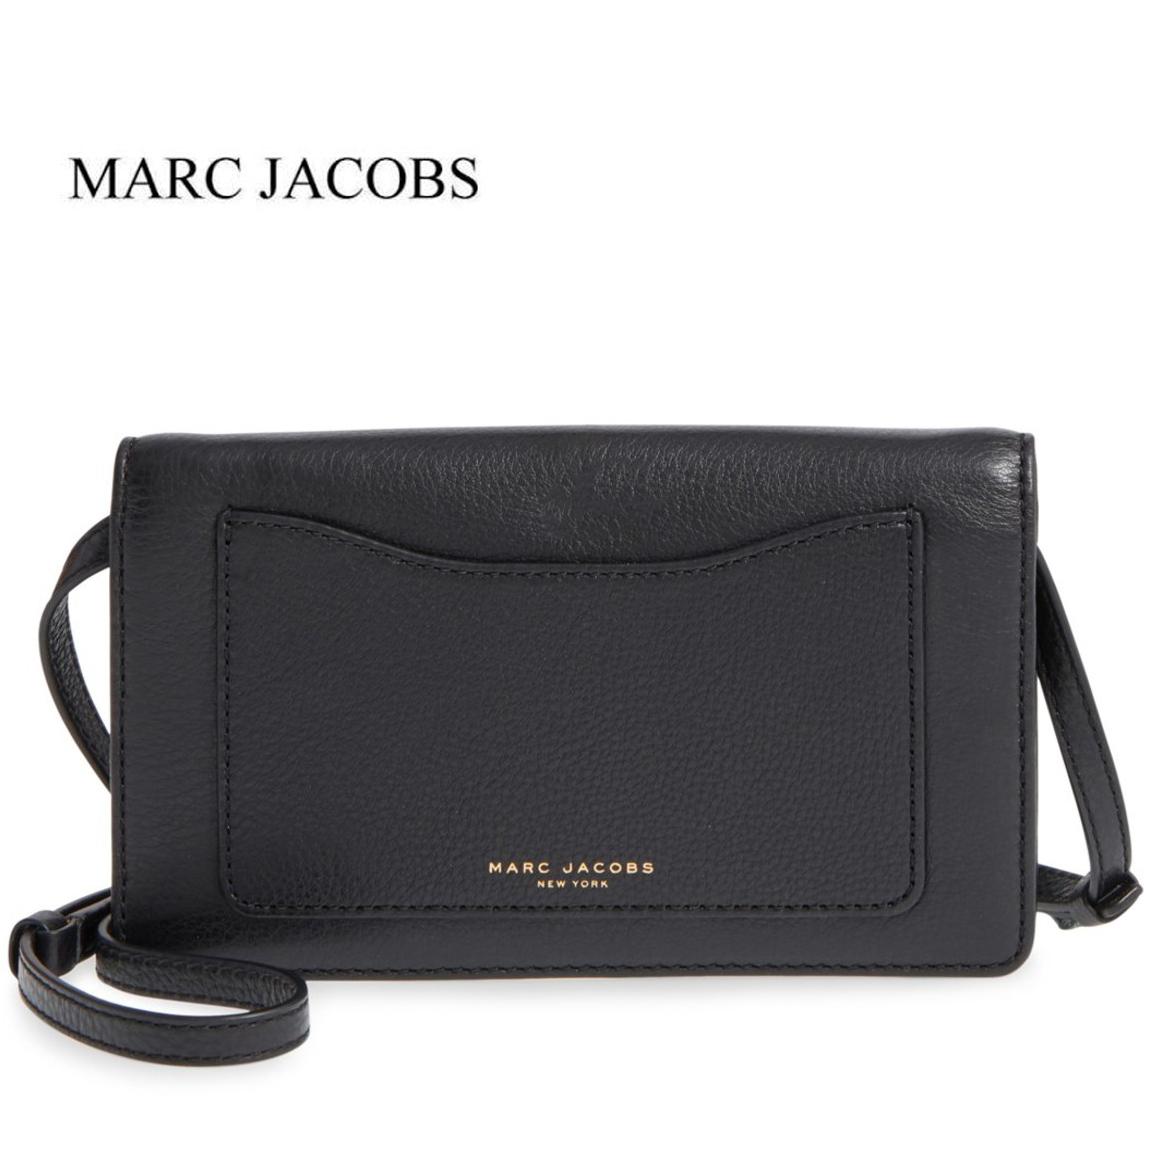 マークジェイコブス Crossbody バッグ ウォレット ショルダーバッグ Marc クロスボディバッグ ブラック ブラック Marc Jacobs Recruit Pebbled Leather Crossbody, 最新のデザイン:6c9cb351 --- cadf.djomani.fr